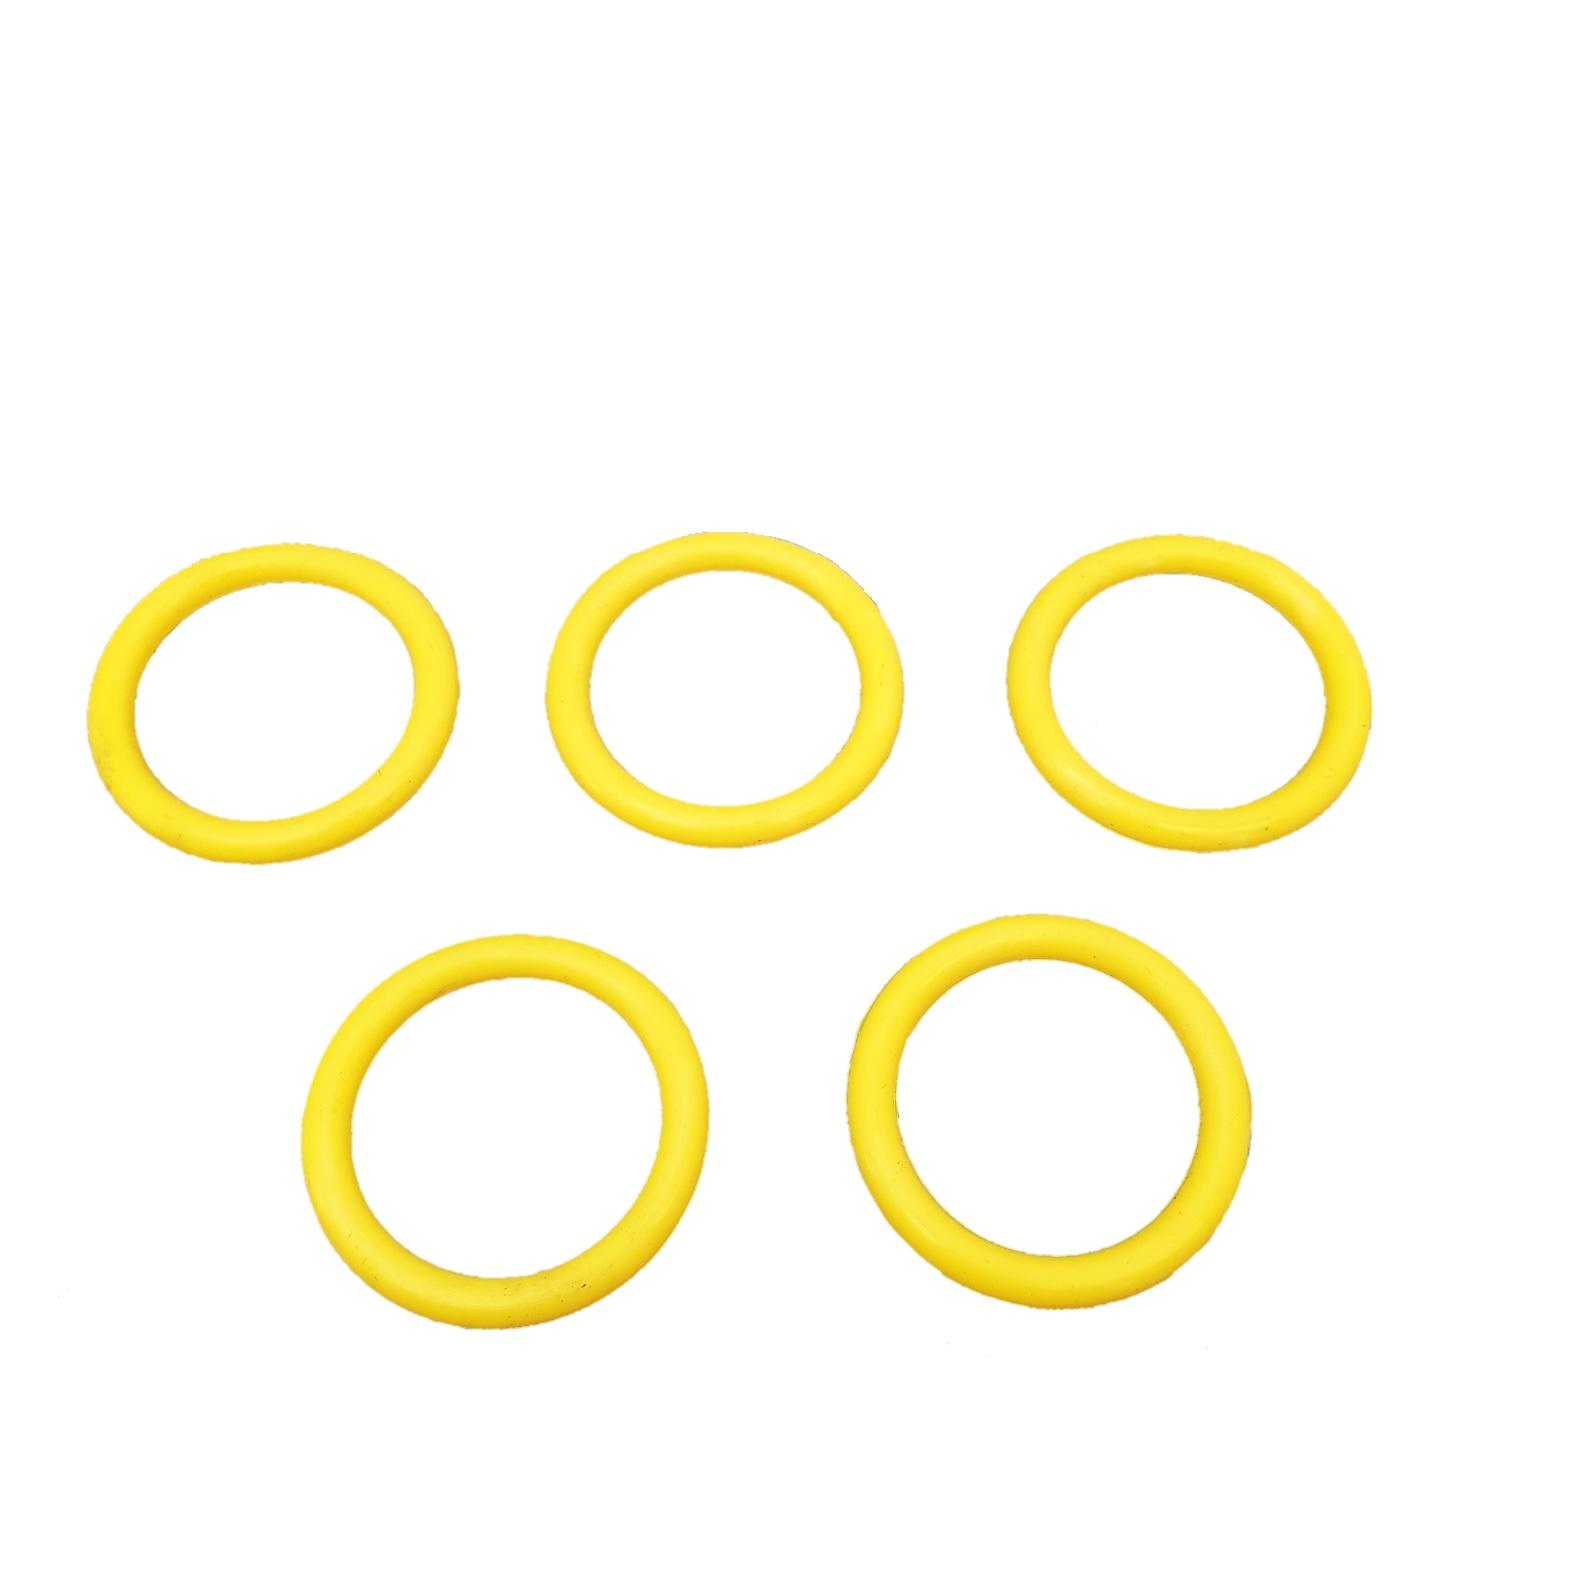 واشر اورینگ در روغن ریز کد O155 مناسب برای پژو 405 مجموعه 5 عددی